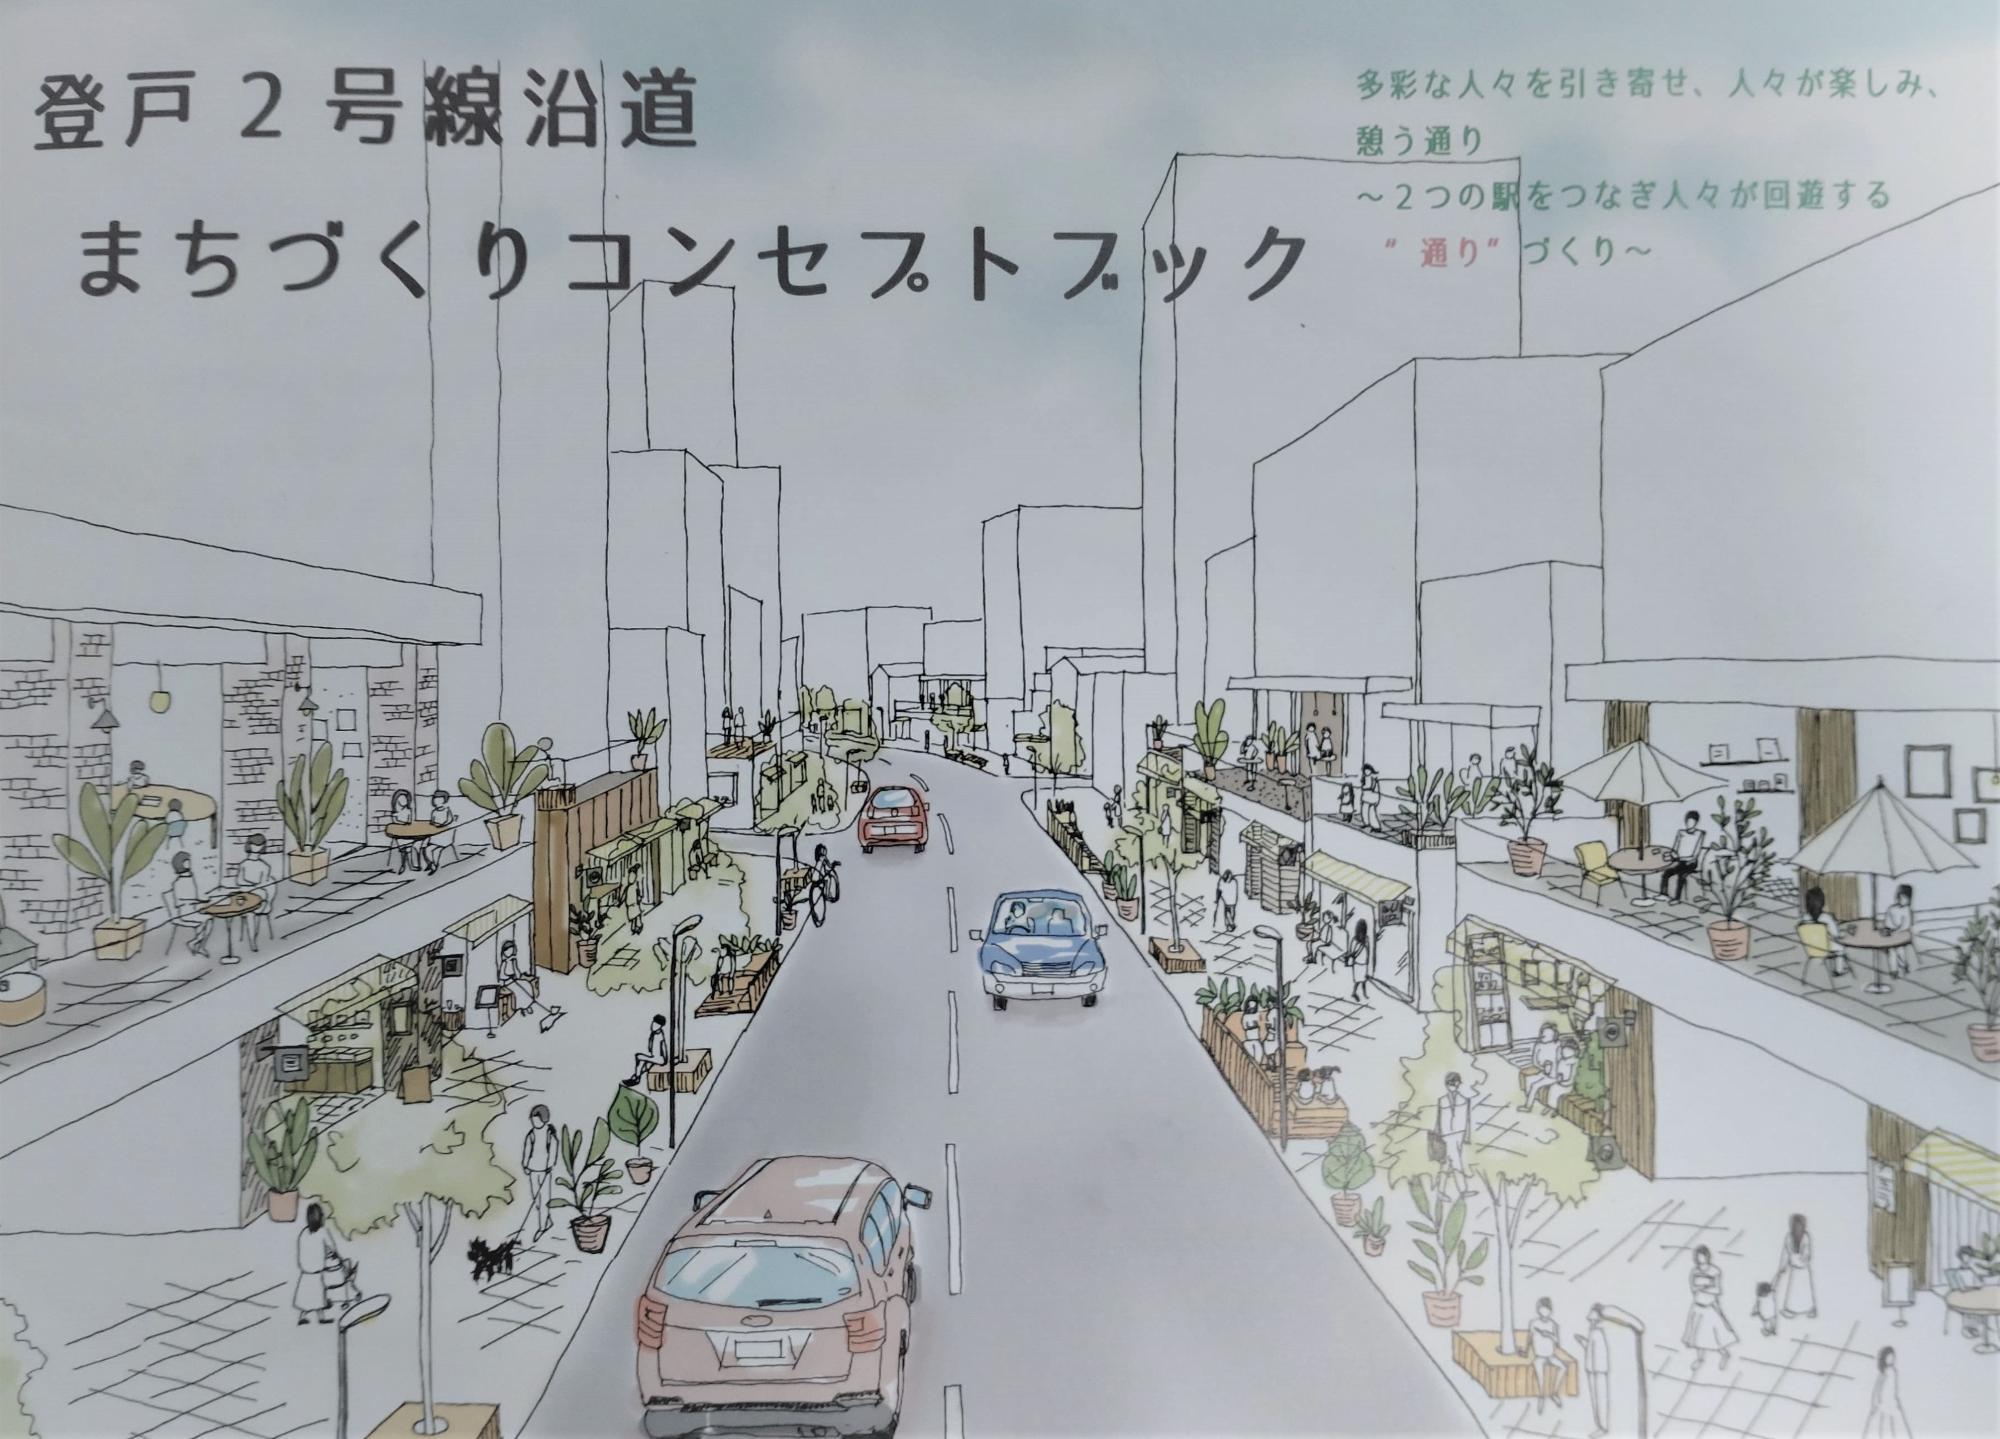 「まちづくりコンセプトブック」川崎市ホームページよりダウンロードも可能